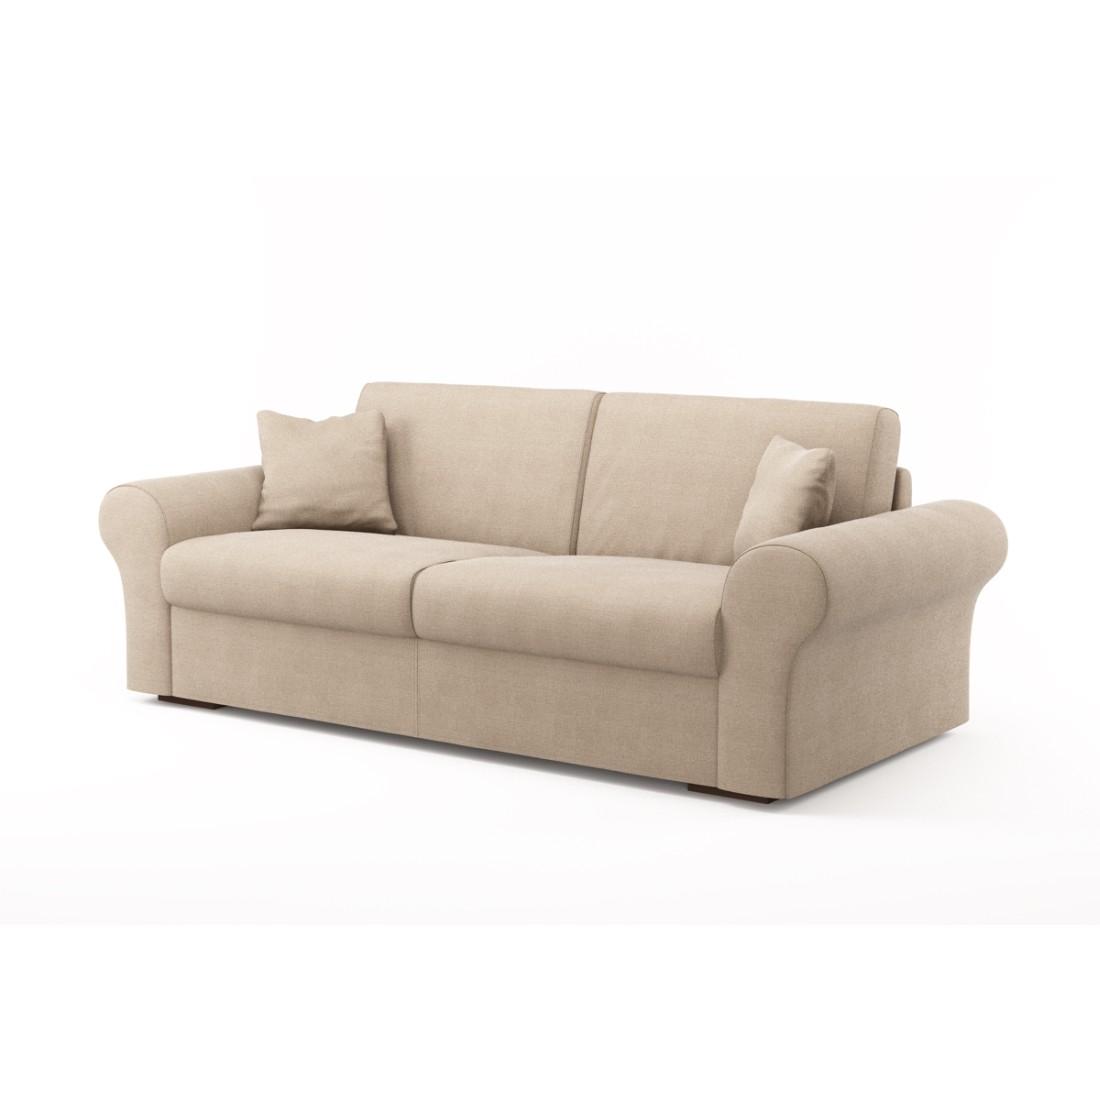 Schlafsofa Novo (3-Sitzer) – Cielo Vip 5 250 (Taupe), Von Wilmowsky online bestellen